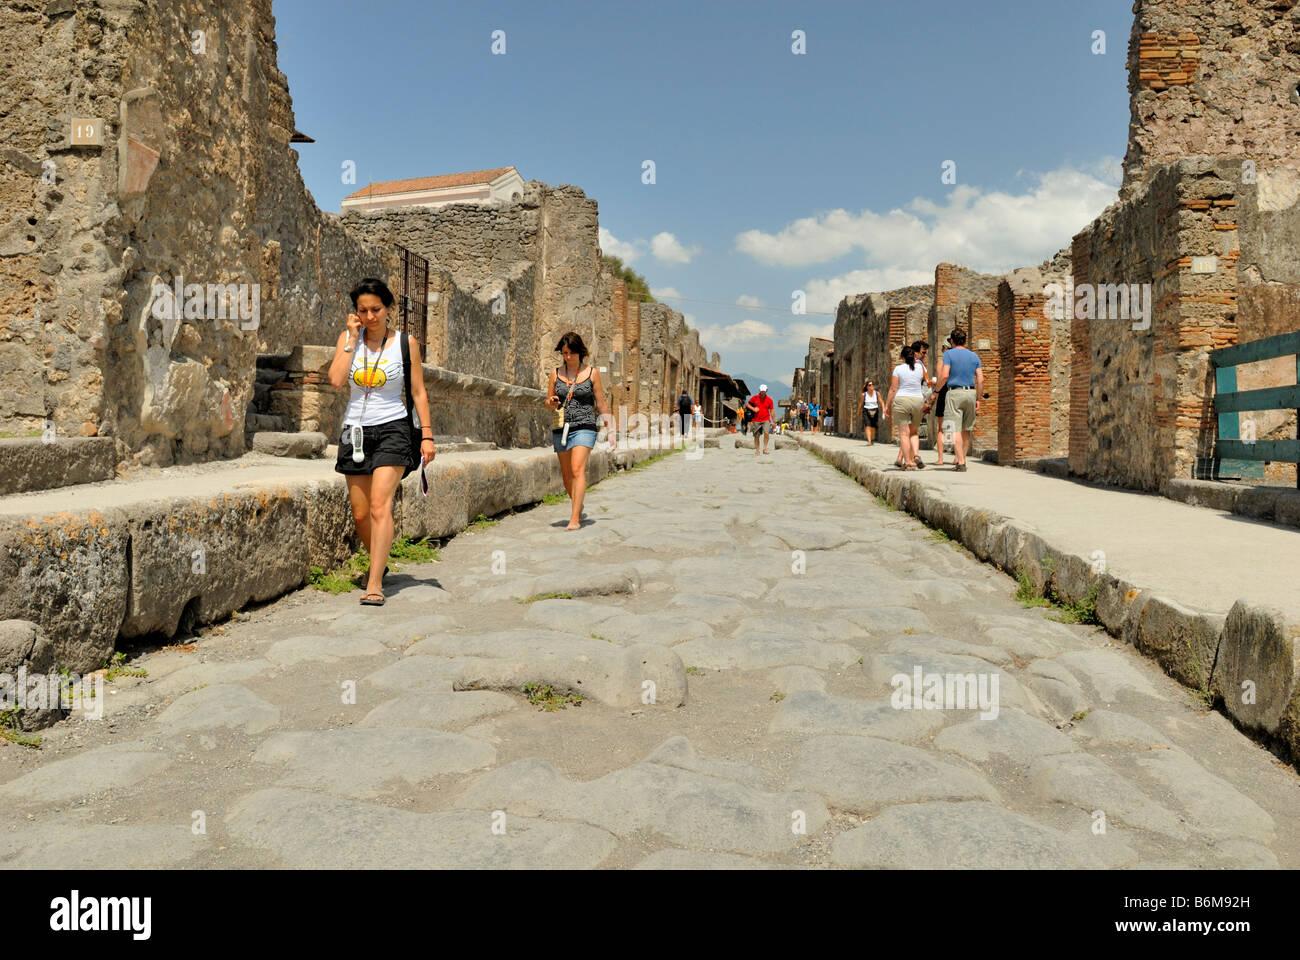 Feiner Blick auf die Straße, über Dell Abbondanza, die Touristen sind Audioführer hören, bei Stockbild